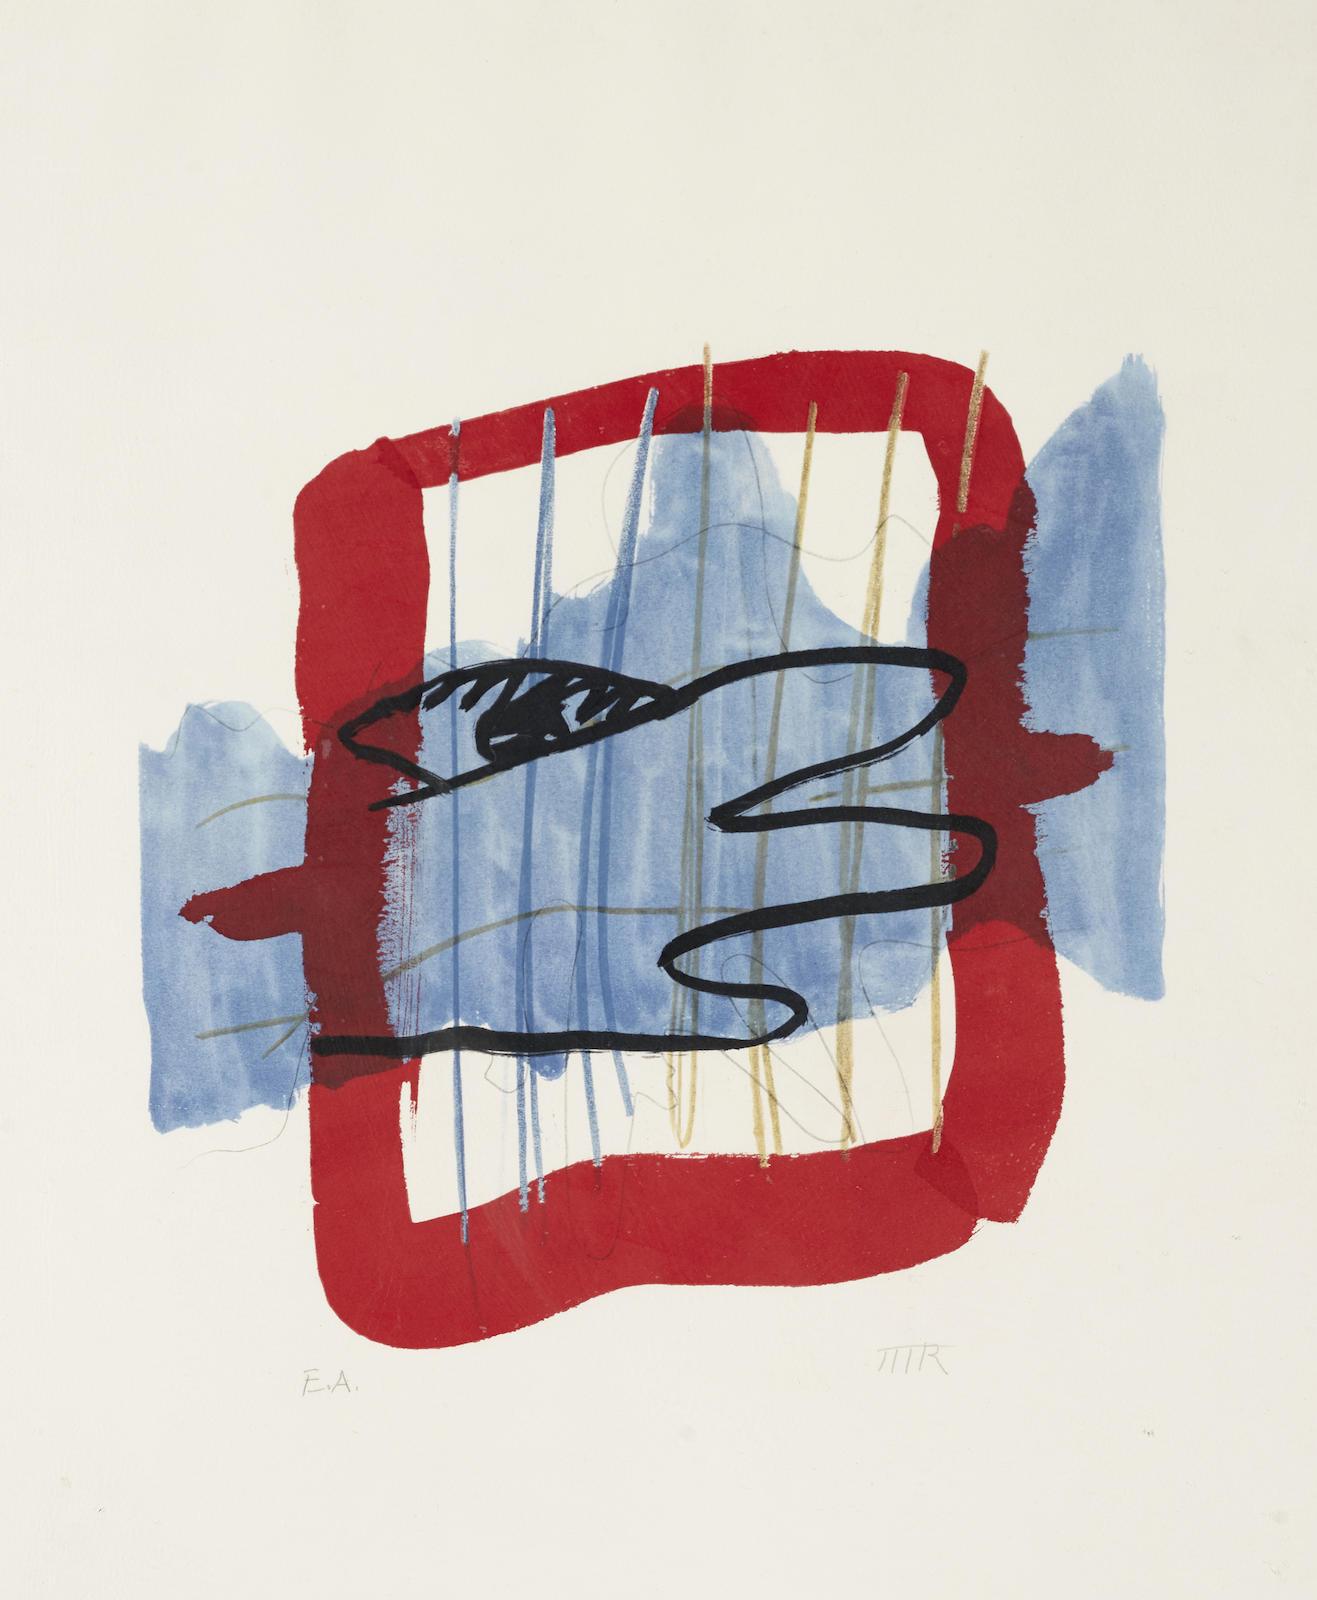 Man Ray-Senza Titolo (A. I.94)-1971